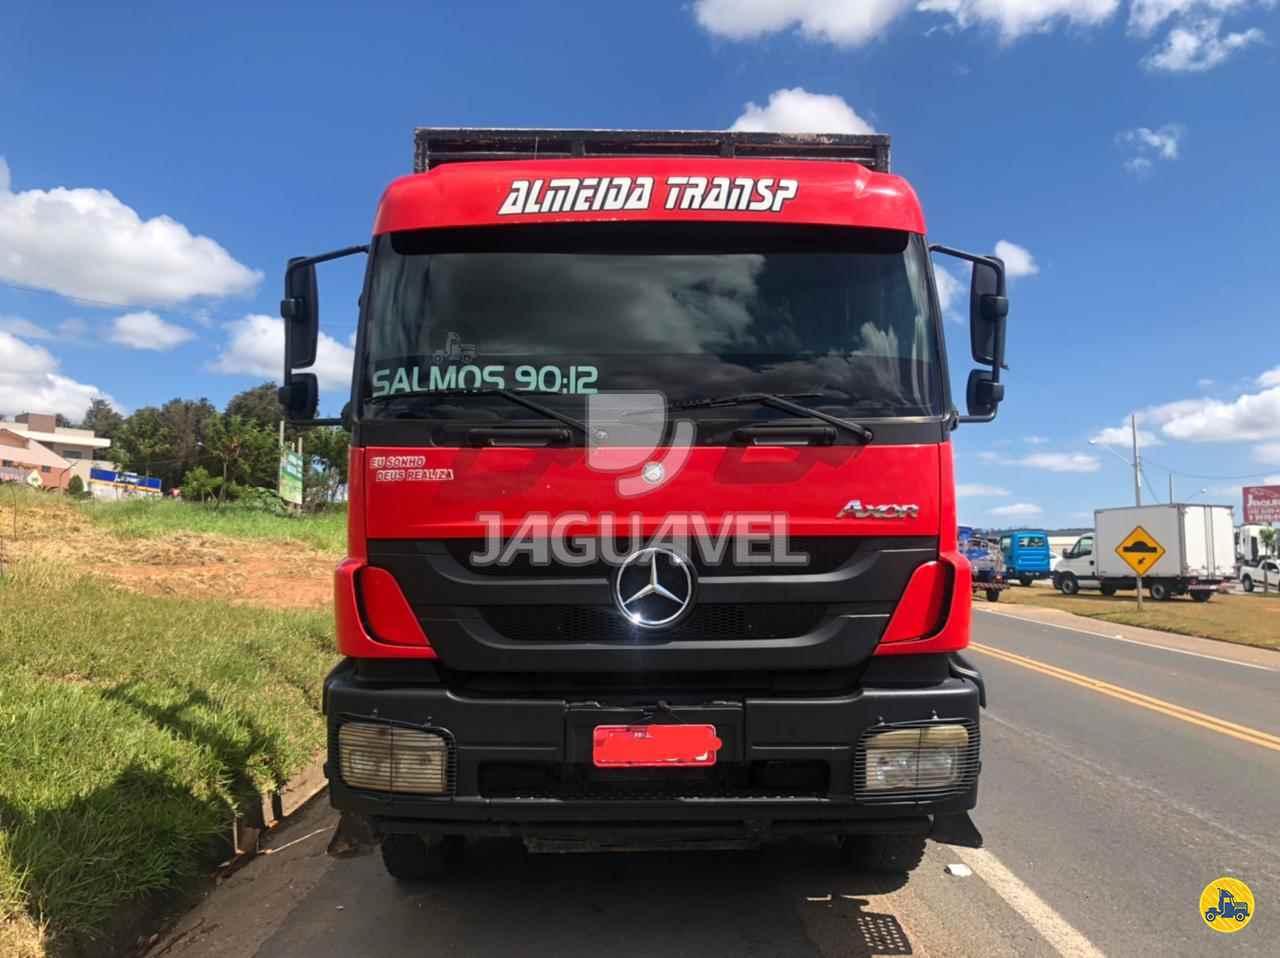 CAMINHAO MERCEDES-BENZ MB 3131 Plataforma Traçado 6x4 Jaguavel Caminhões JAGUARIAIVA PARANÁ PR